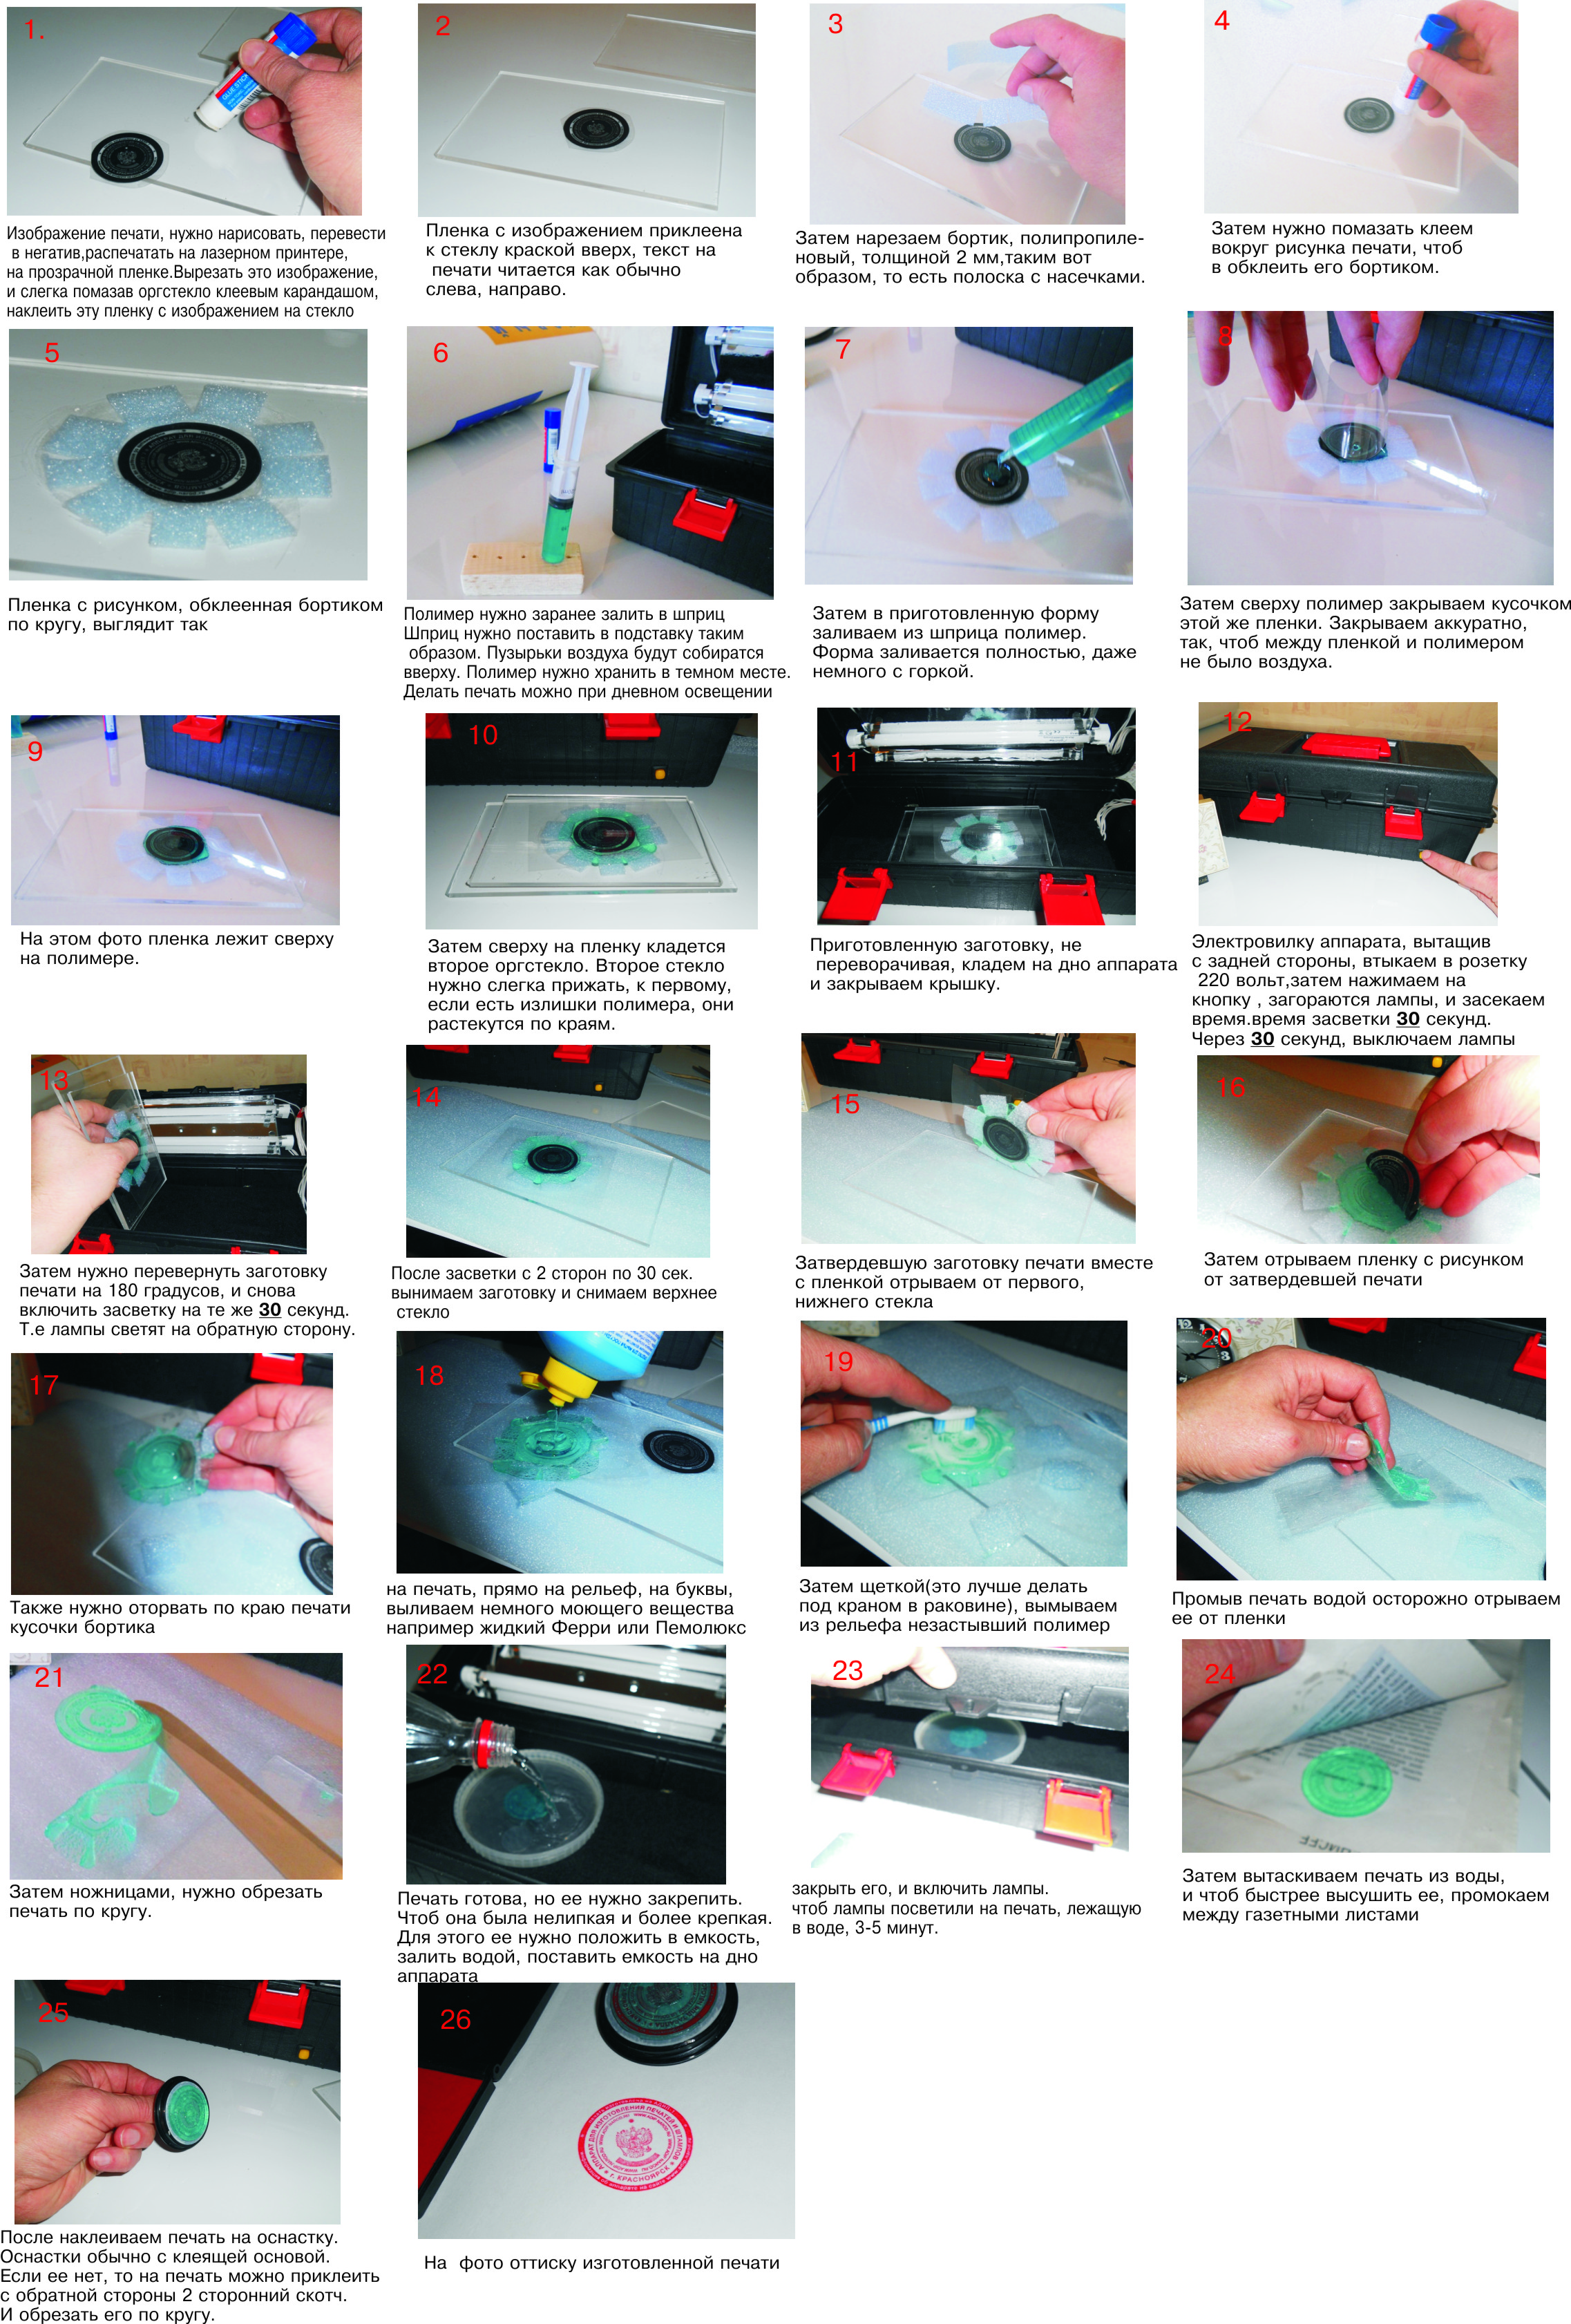 инструкция использования печатей и штампов